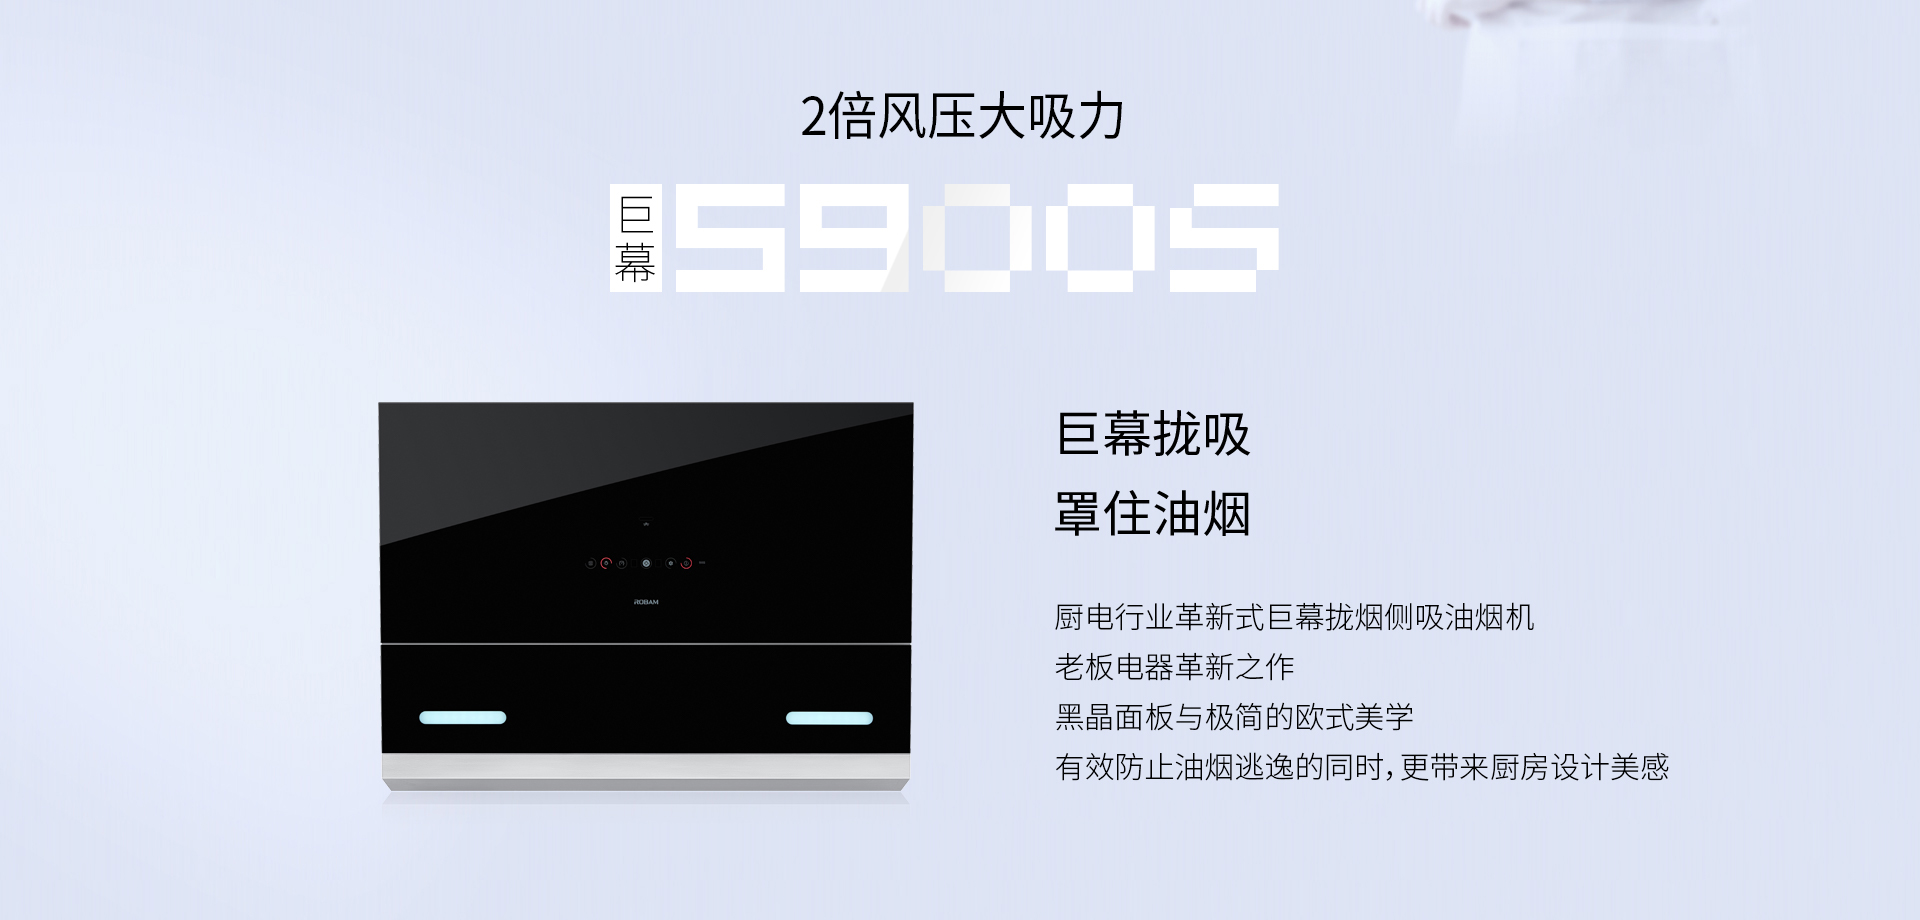 5900S优化-PC-1101_02.jpg